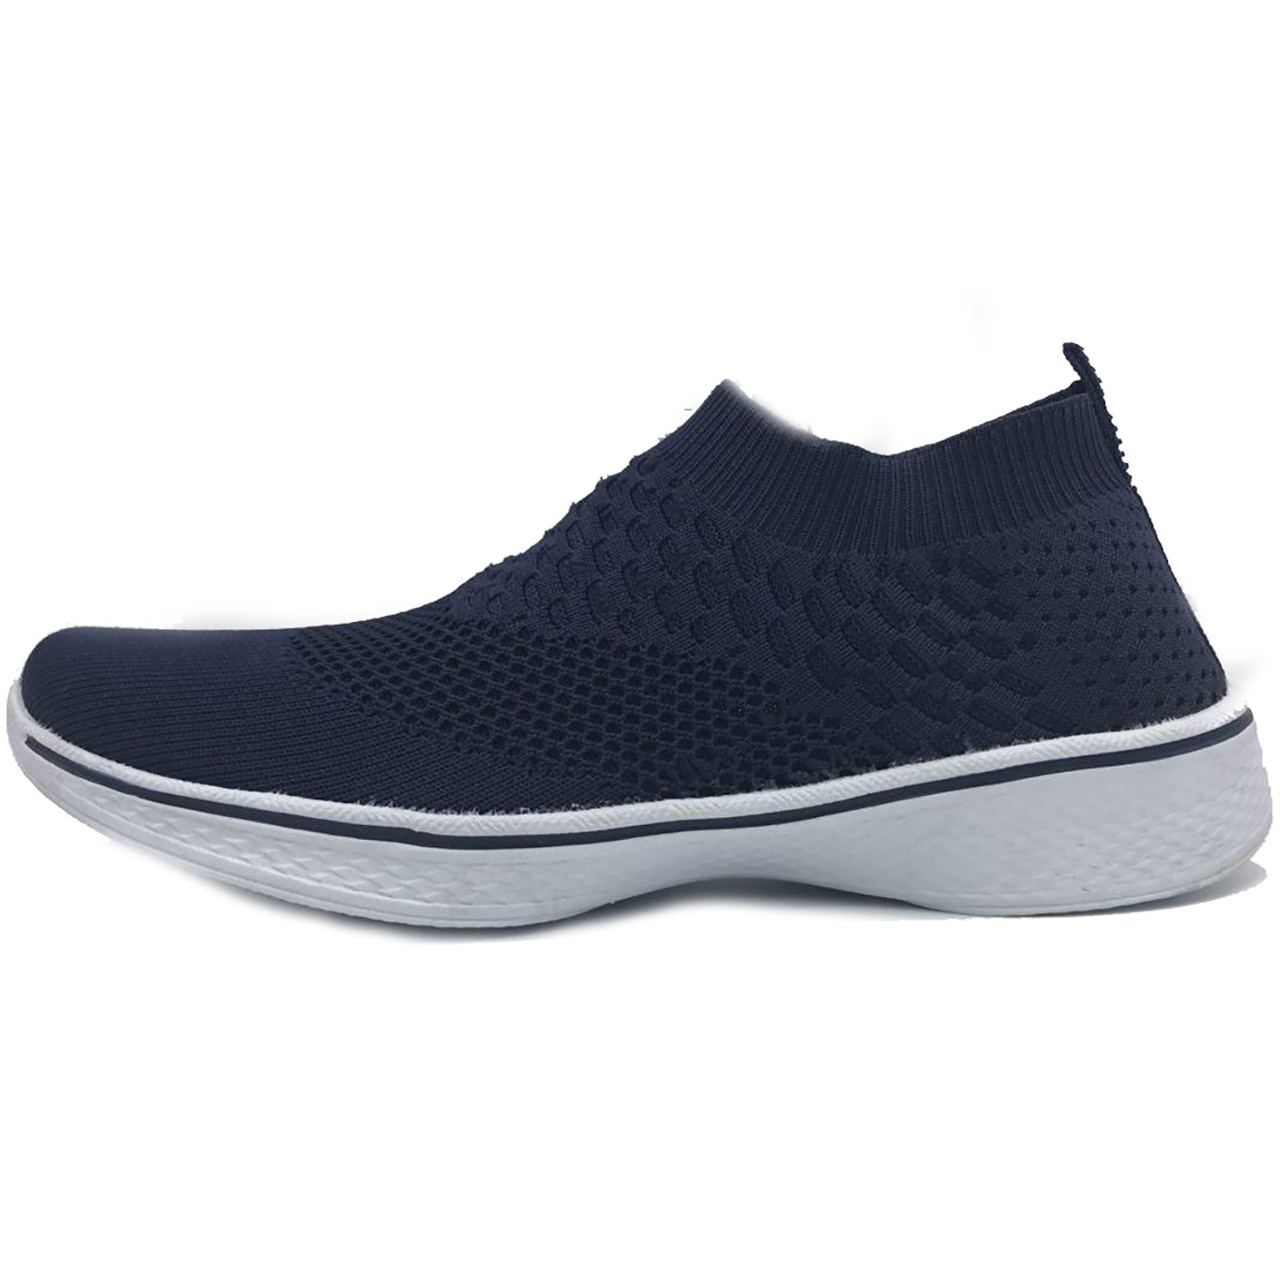 کفش مخصوص پیاده روی زنانه نسیم مدل پاریس03